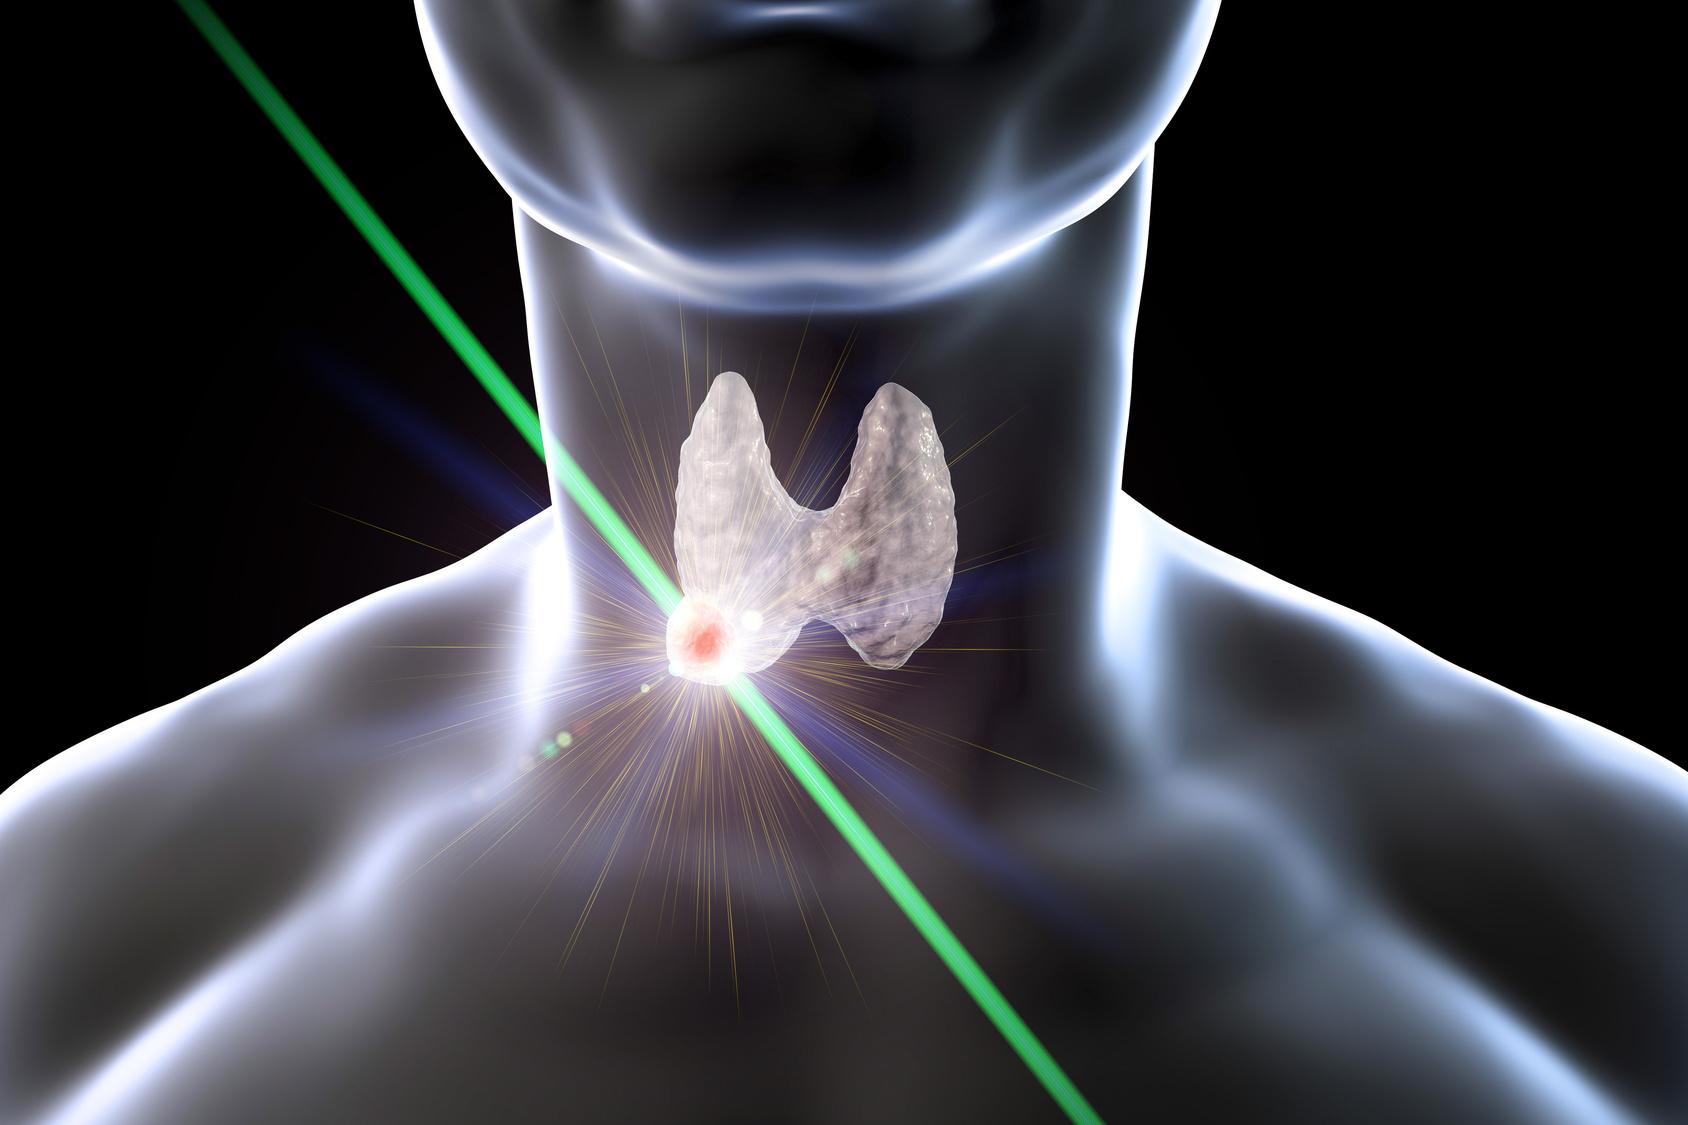 Для термоабляции узлов щитовидной железы может использоваться лазер.